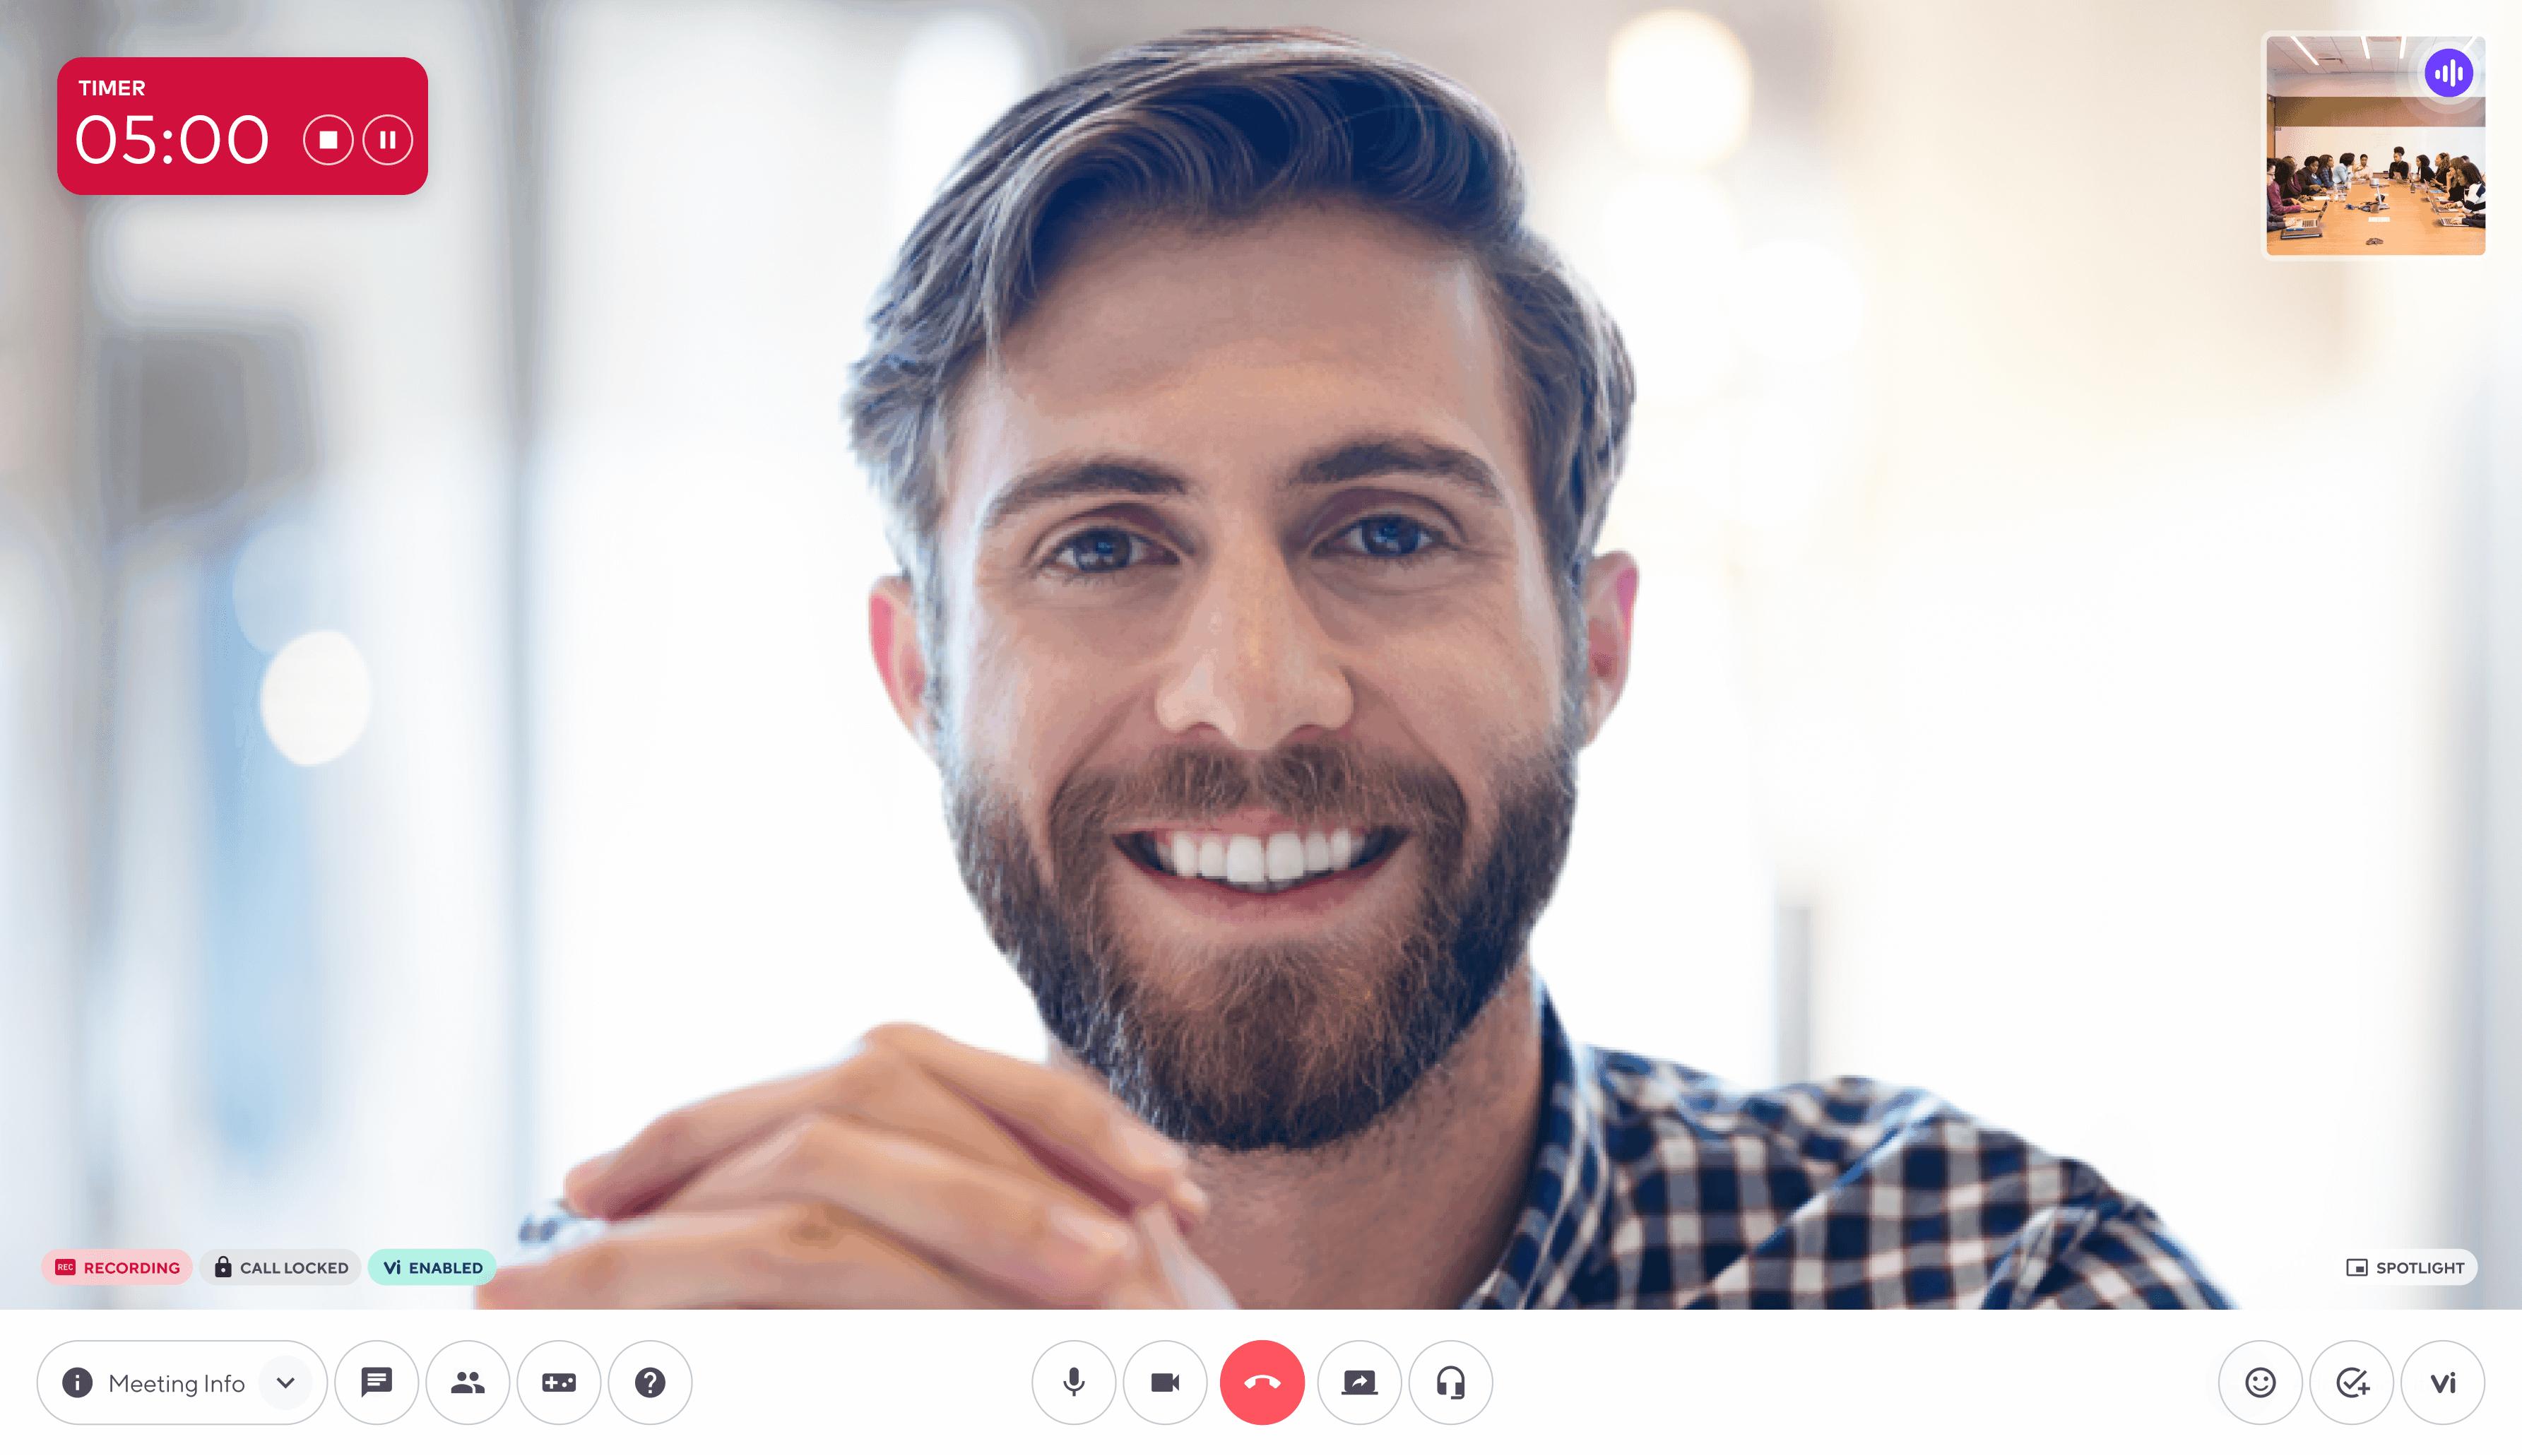 virtual meetings in dialpad's app